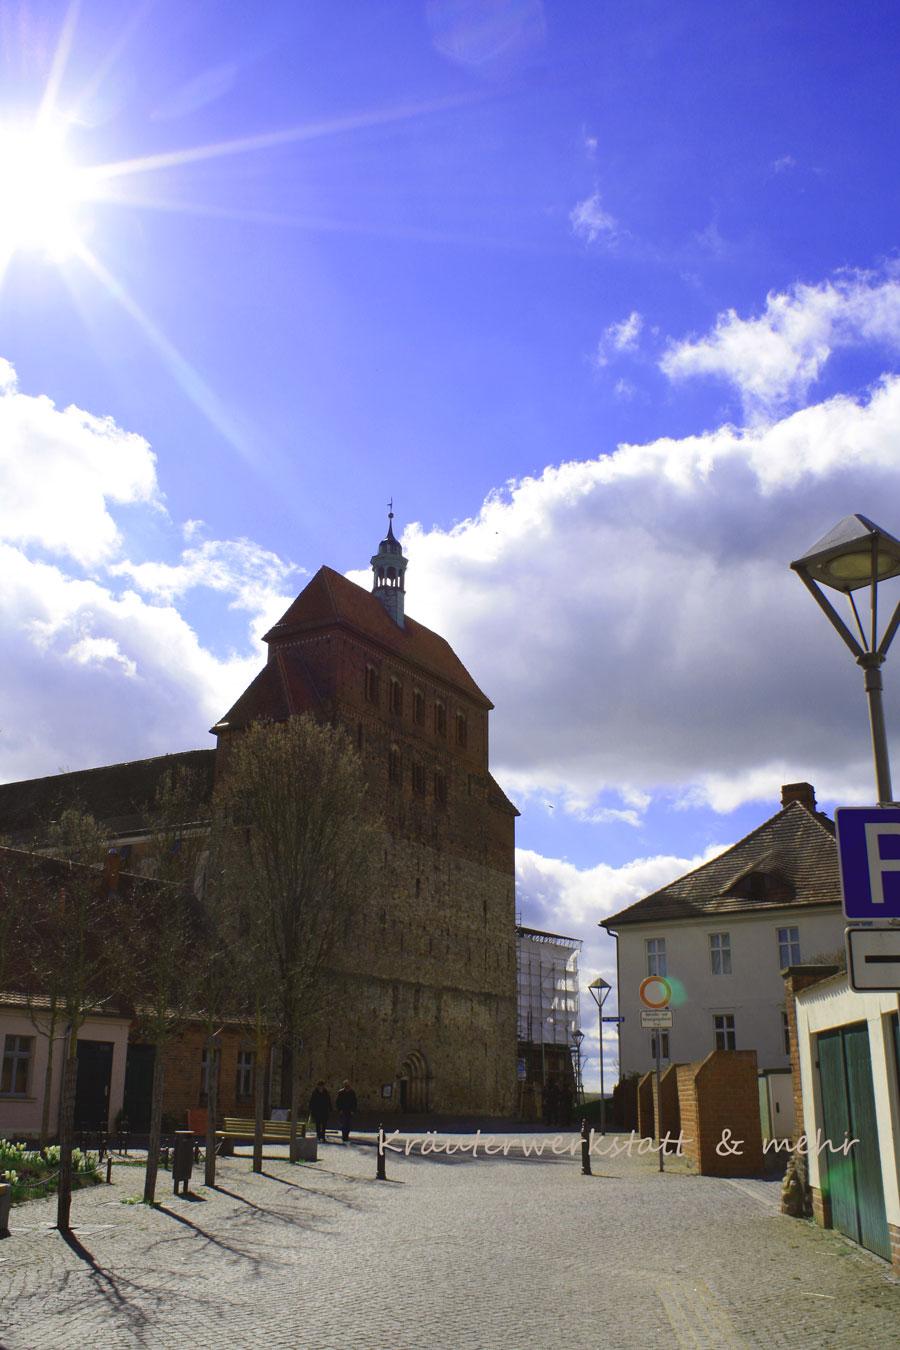 Dom in Havelberg